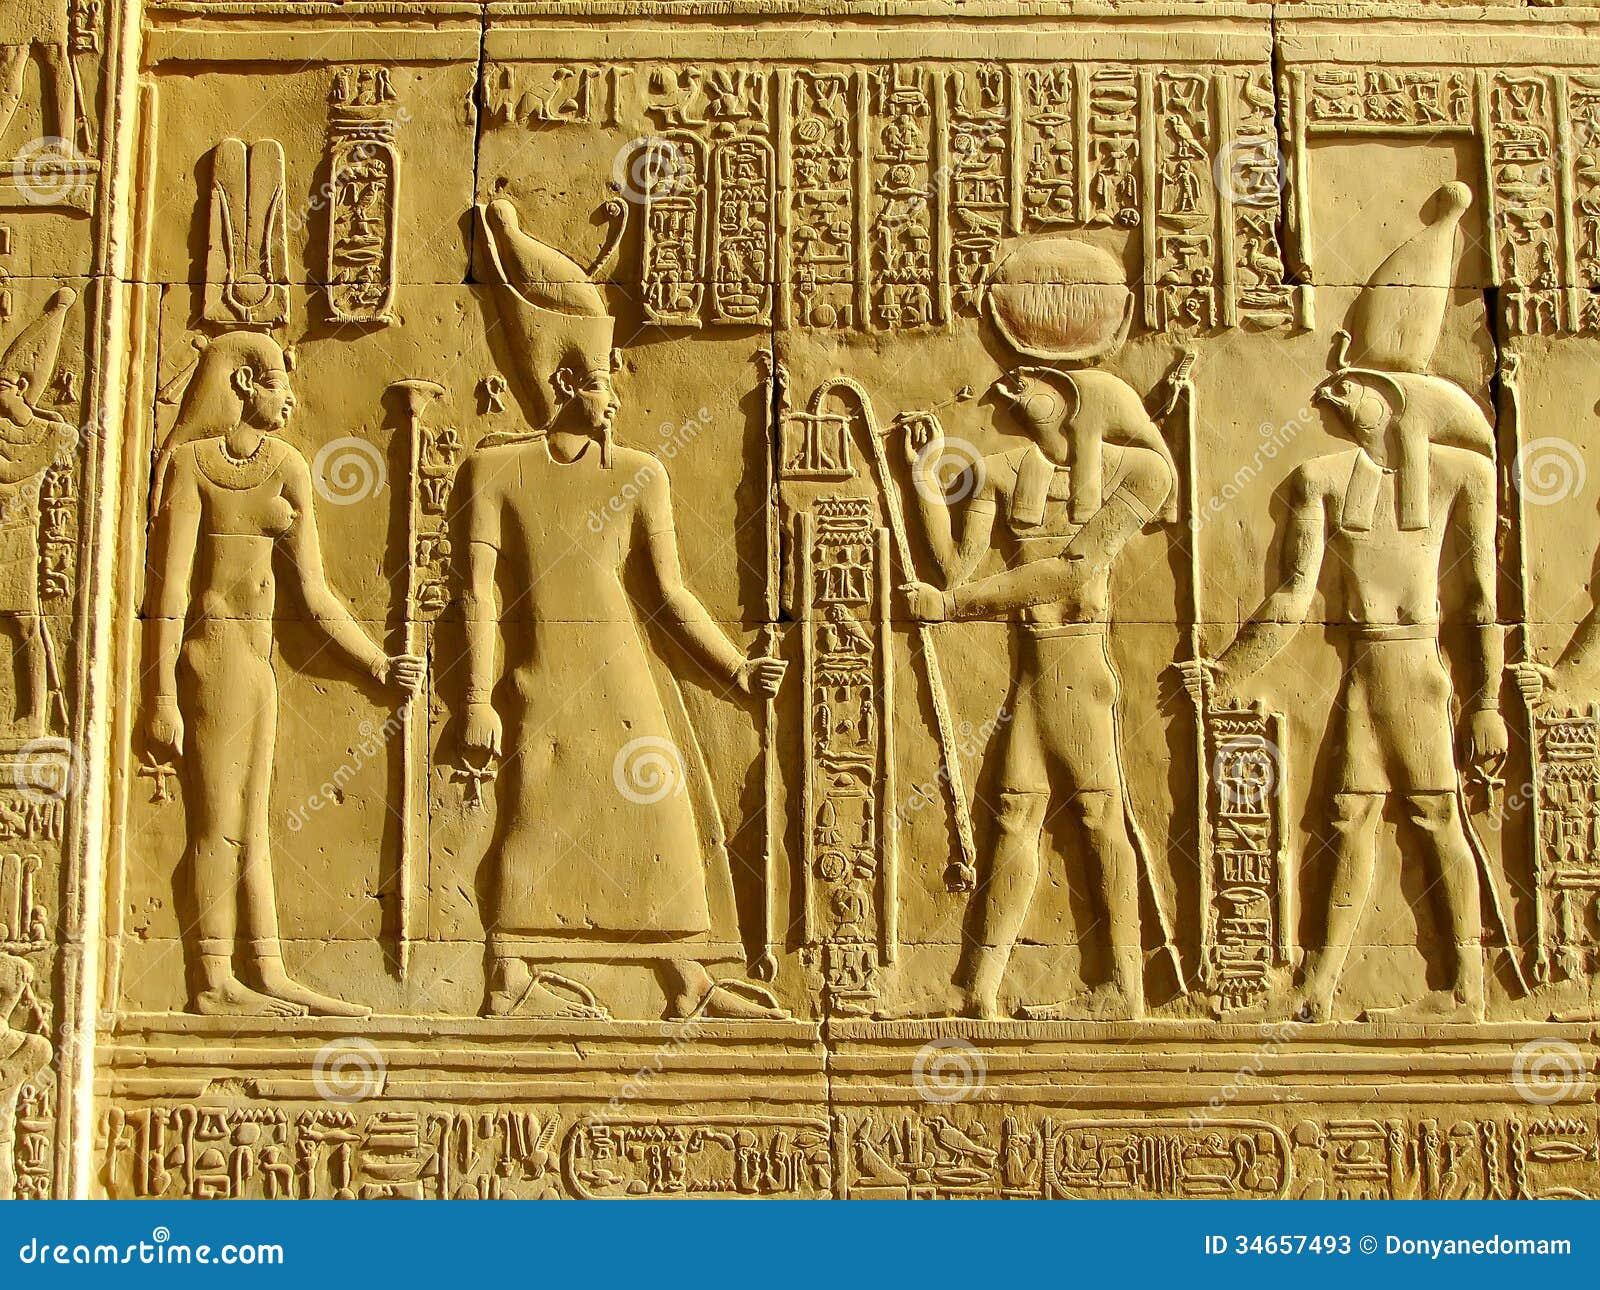 Geroglifici antichi sulla parete del tempio di Kôm Ombo